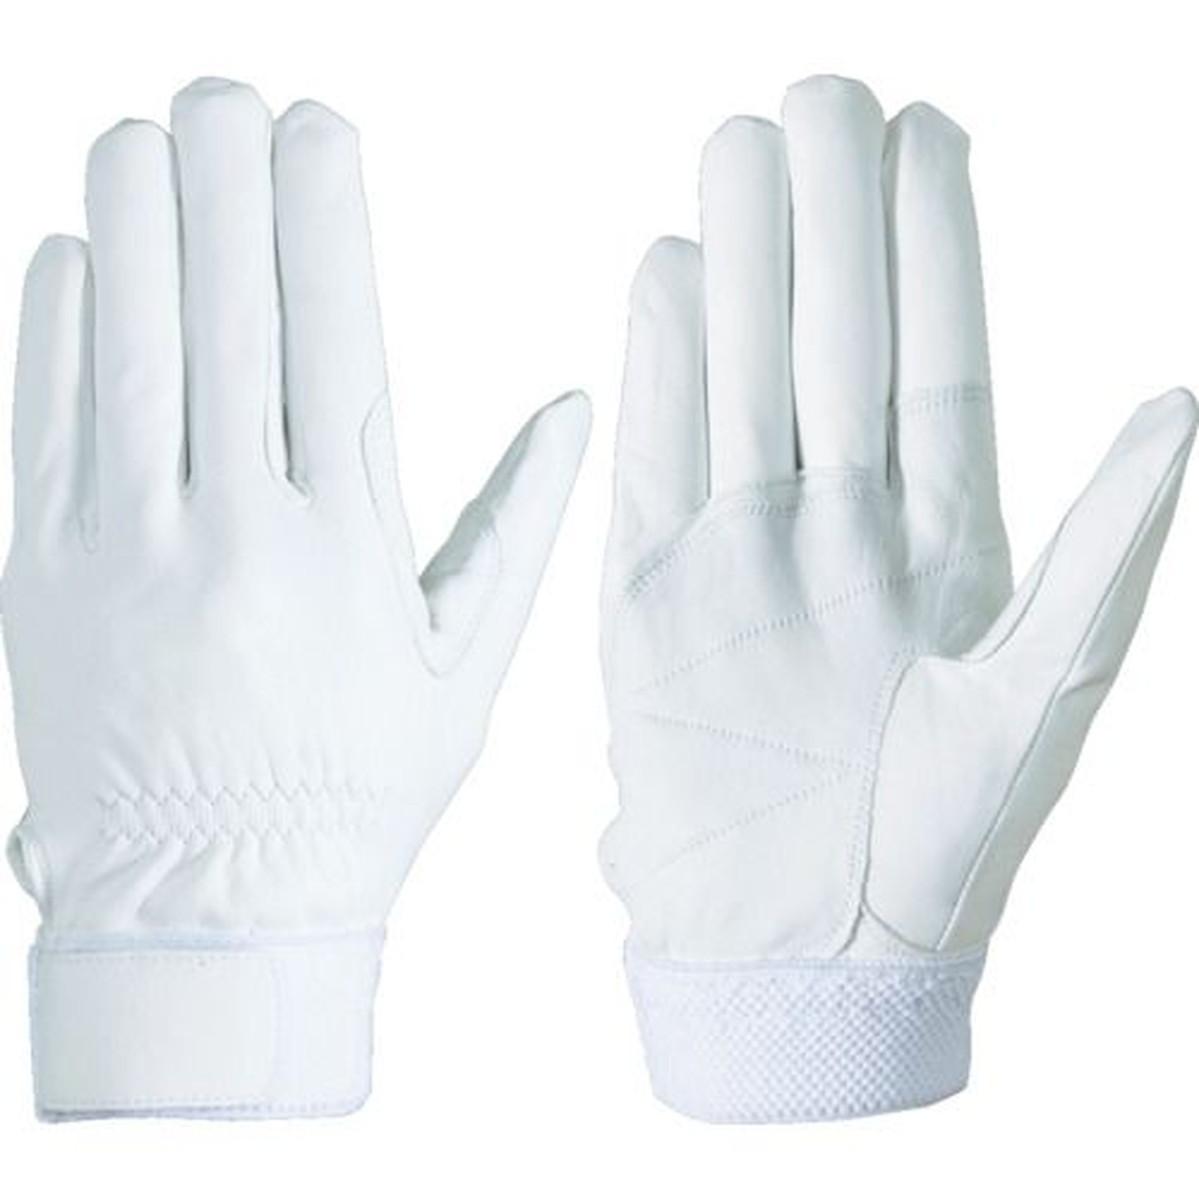 あす楽対応 訳あり品送料無料 DIY用品 シモン 羊革手袋 M寸 セイバーNo.75白 永遠の定番モデル 1双